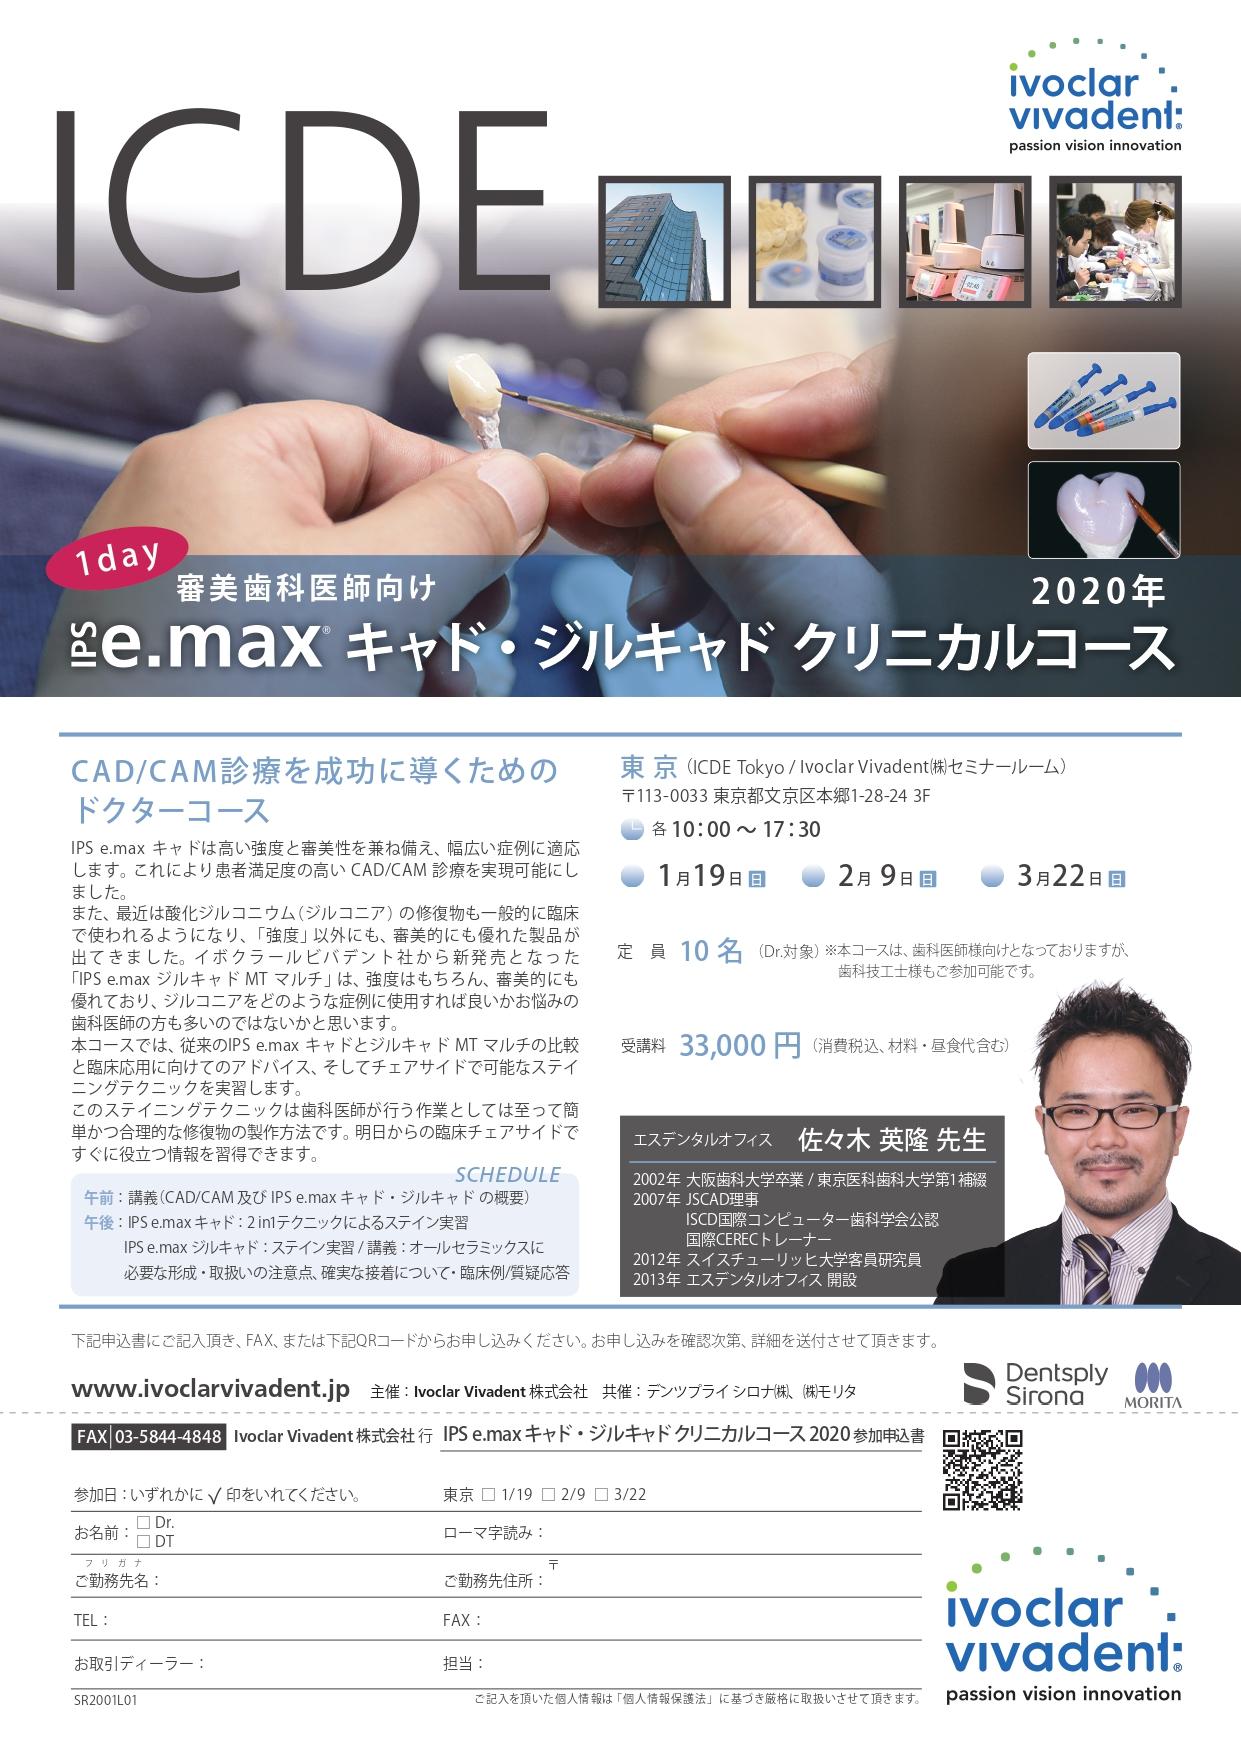 IPS e.max キャド・ジルキャド クリニカルコース 2020